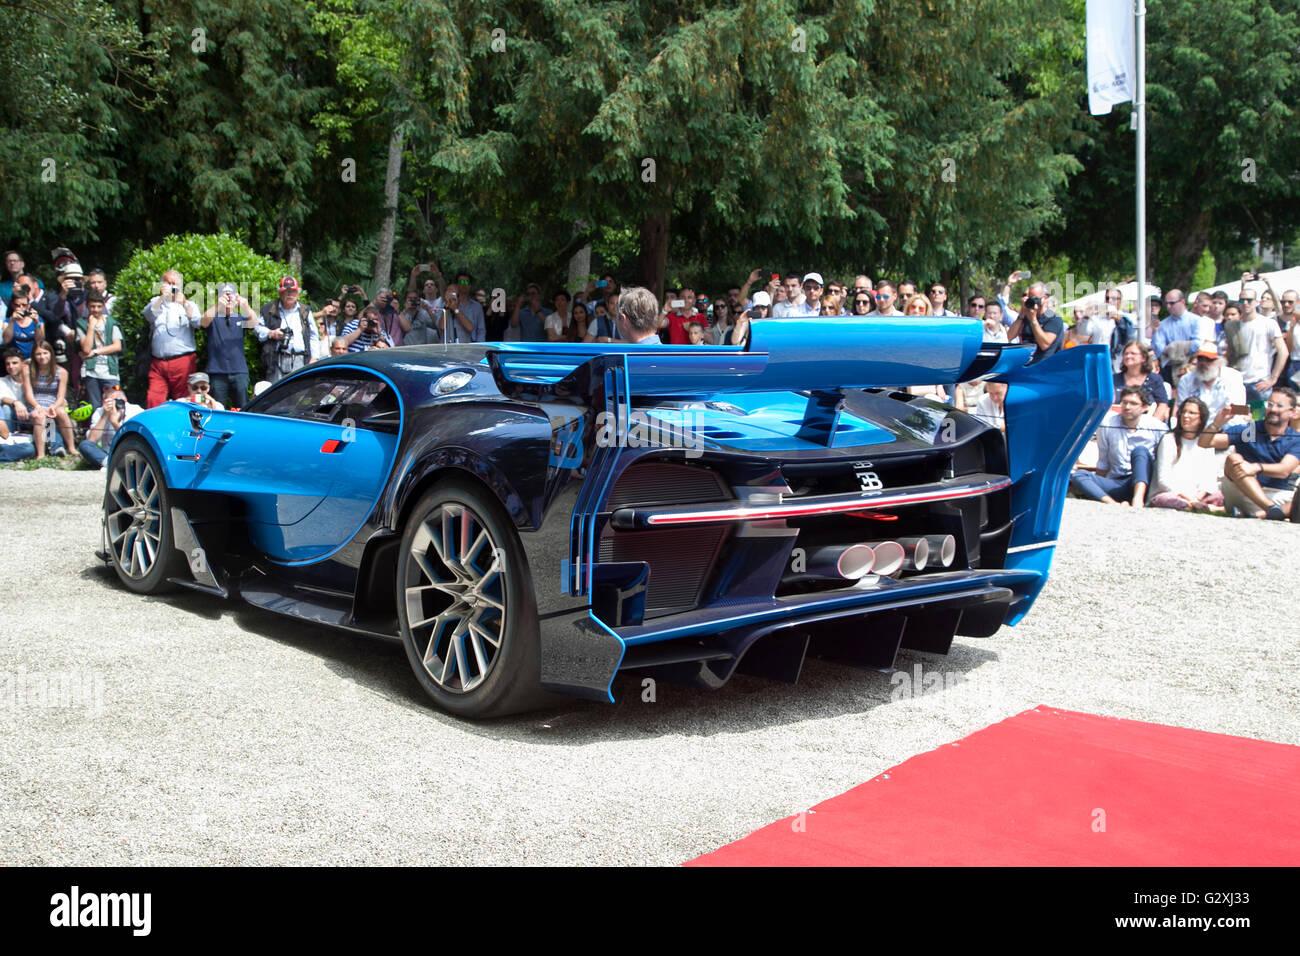 Bugatti Vision Grand Turismo concept car at Villa D'Este concourse auto show Como Italy 2016 - Stock Image